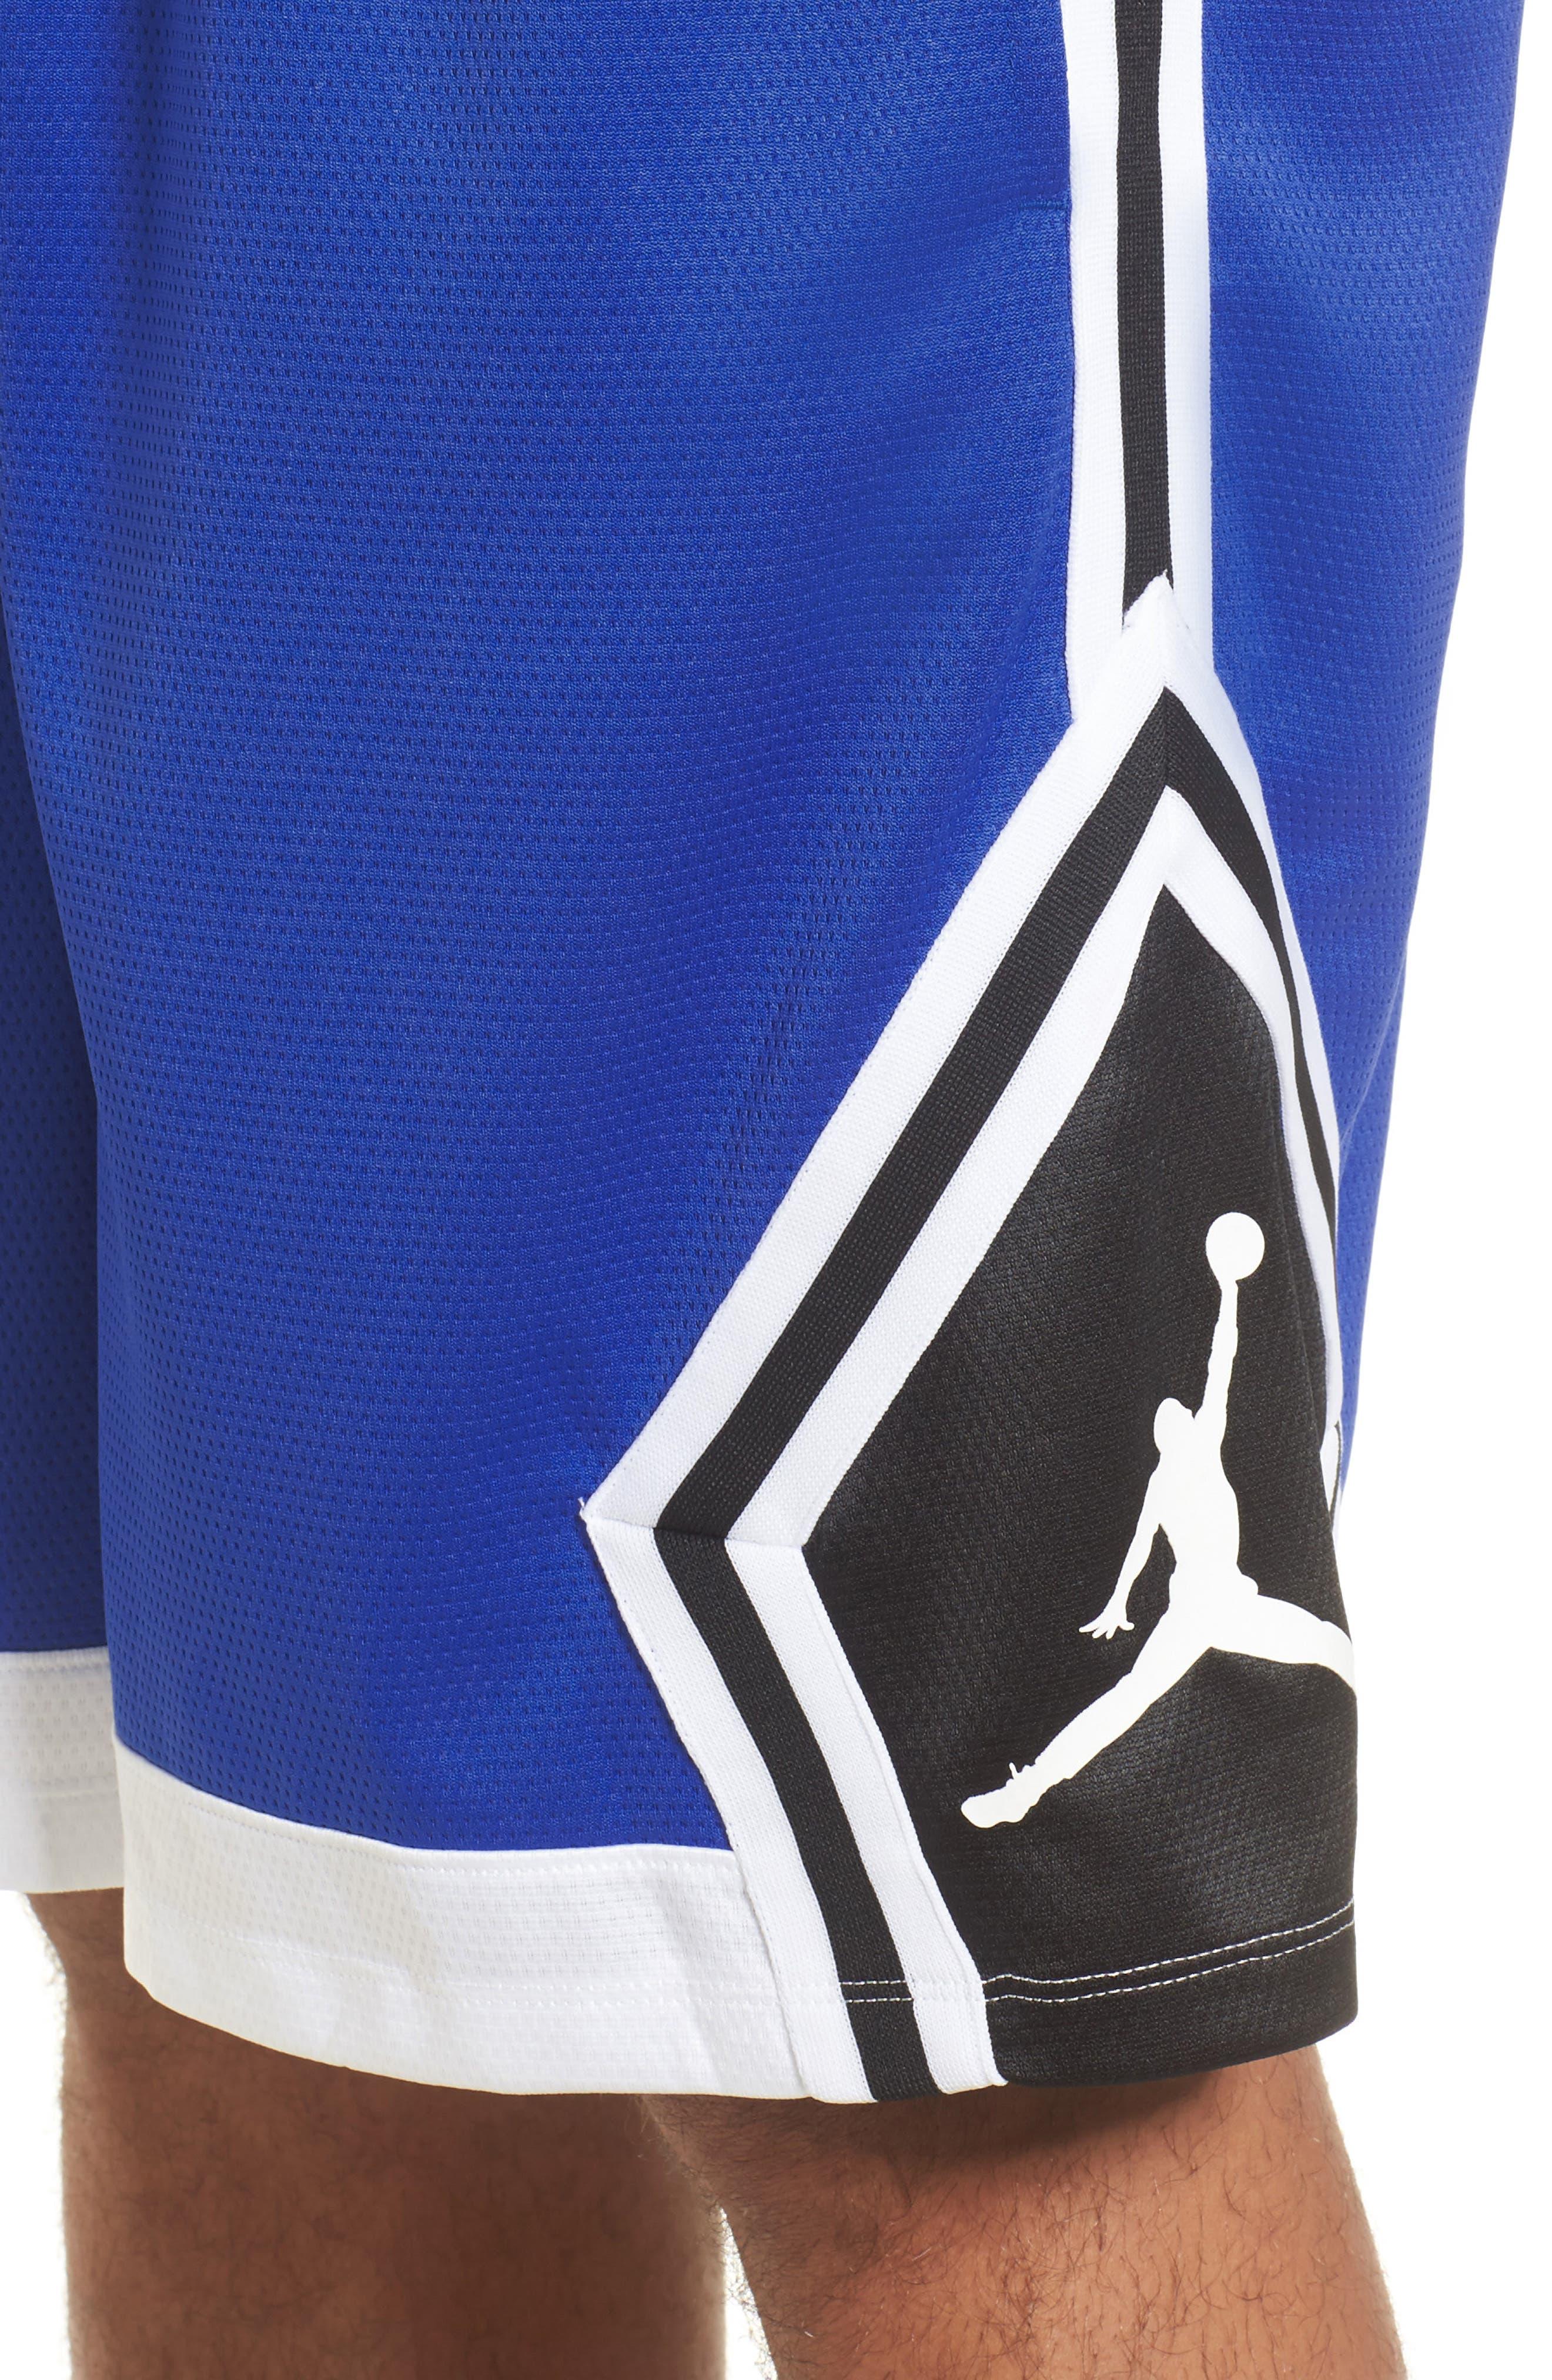 Sportswear Rise Diamond Shorts,                             Alternate thumbnail 23, color,